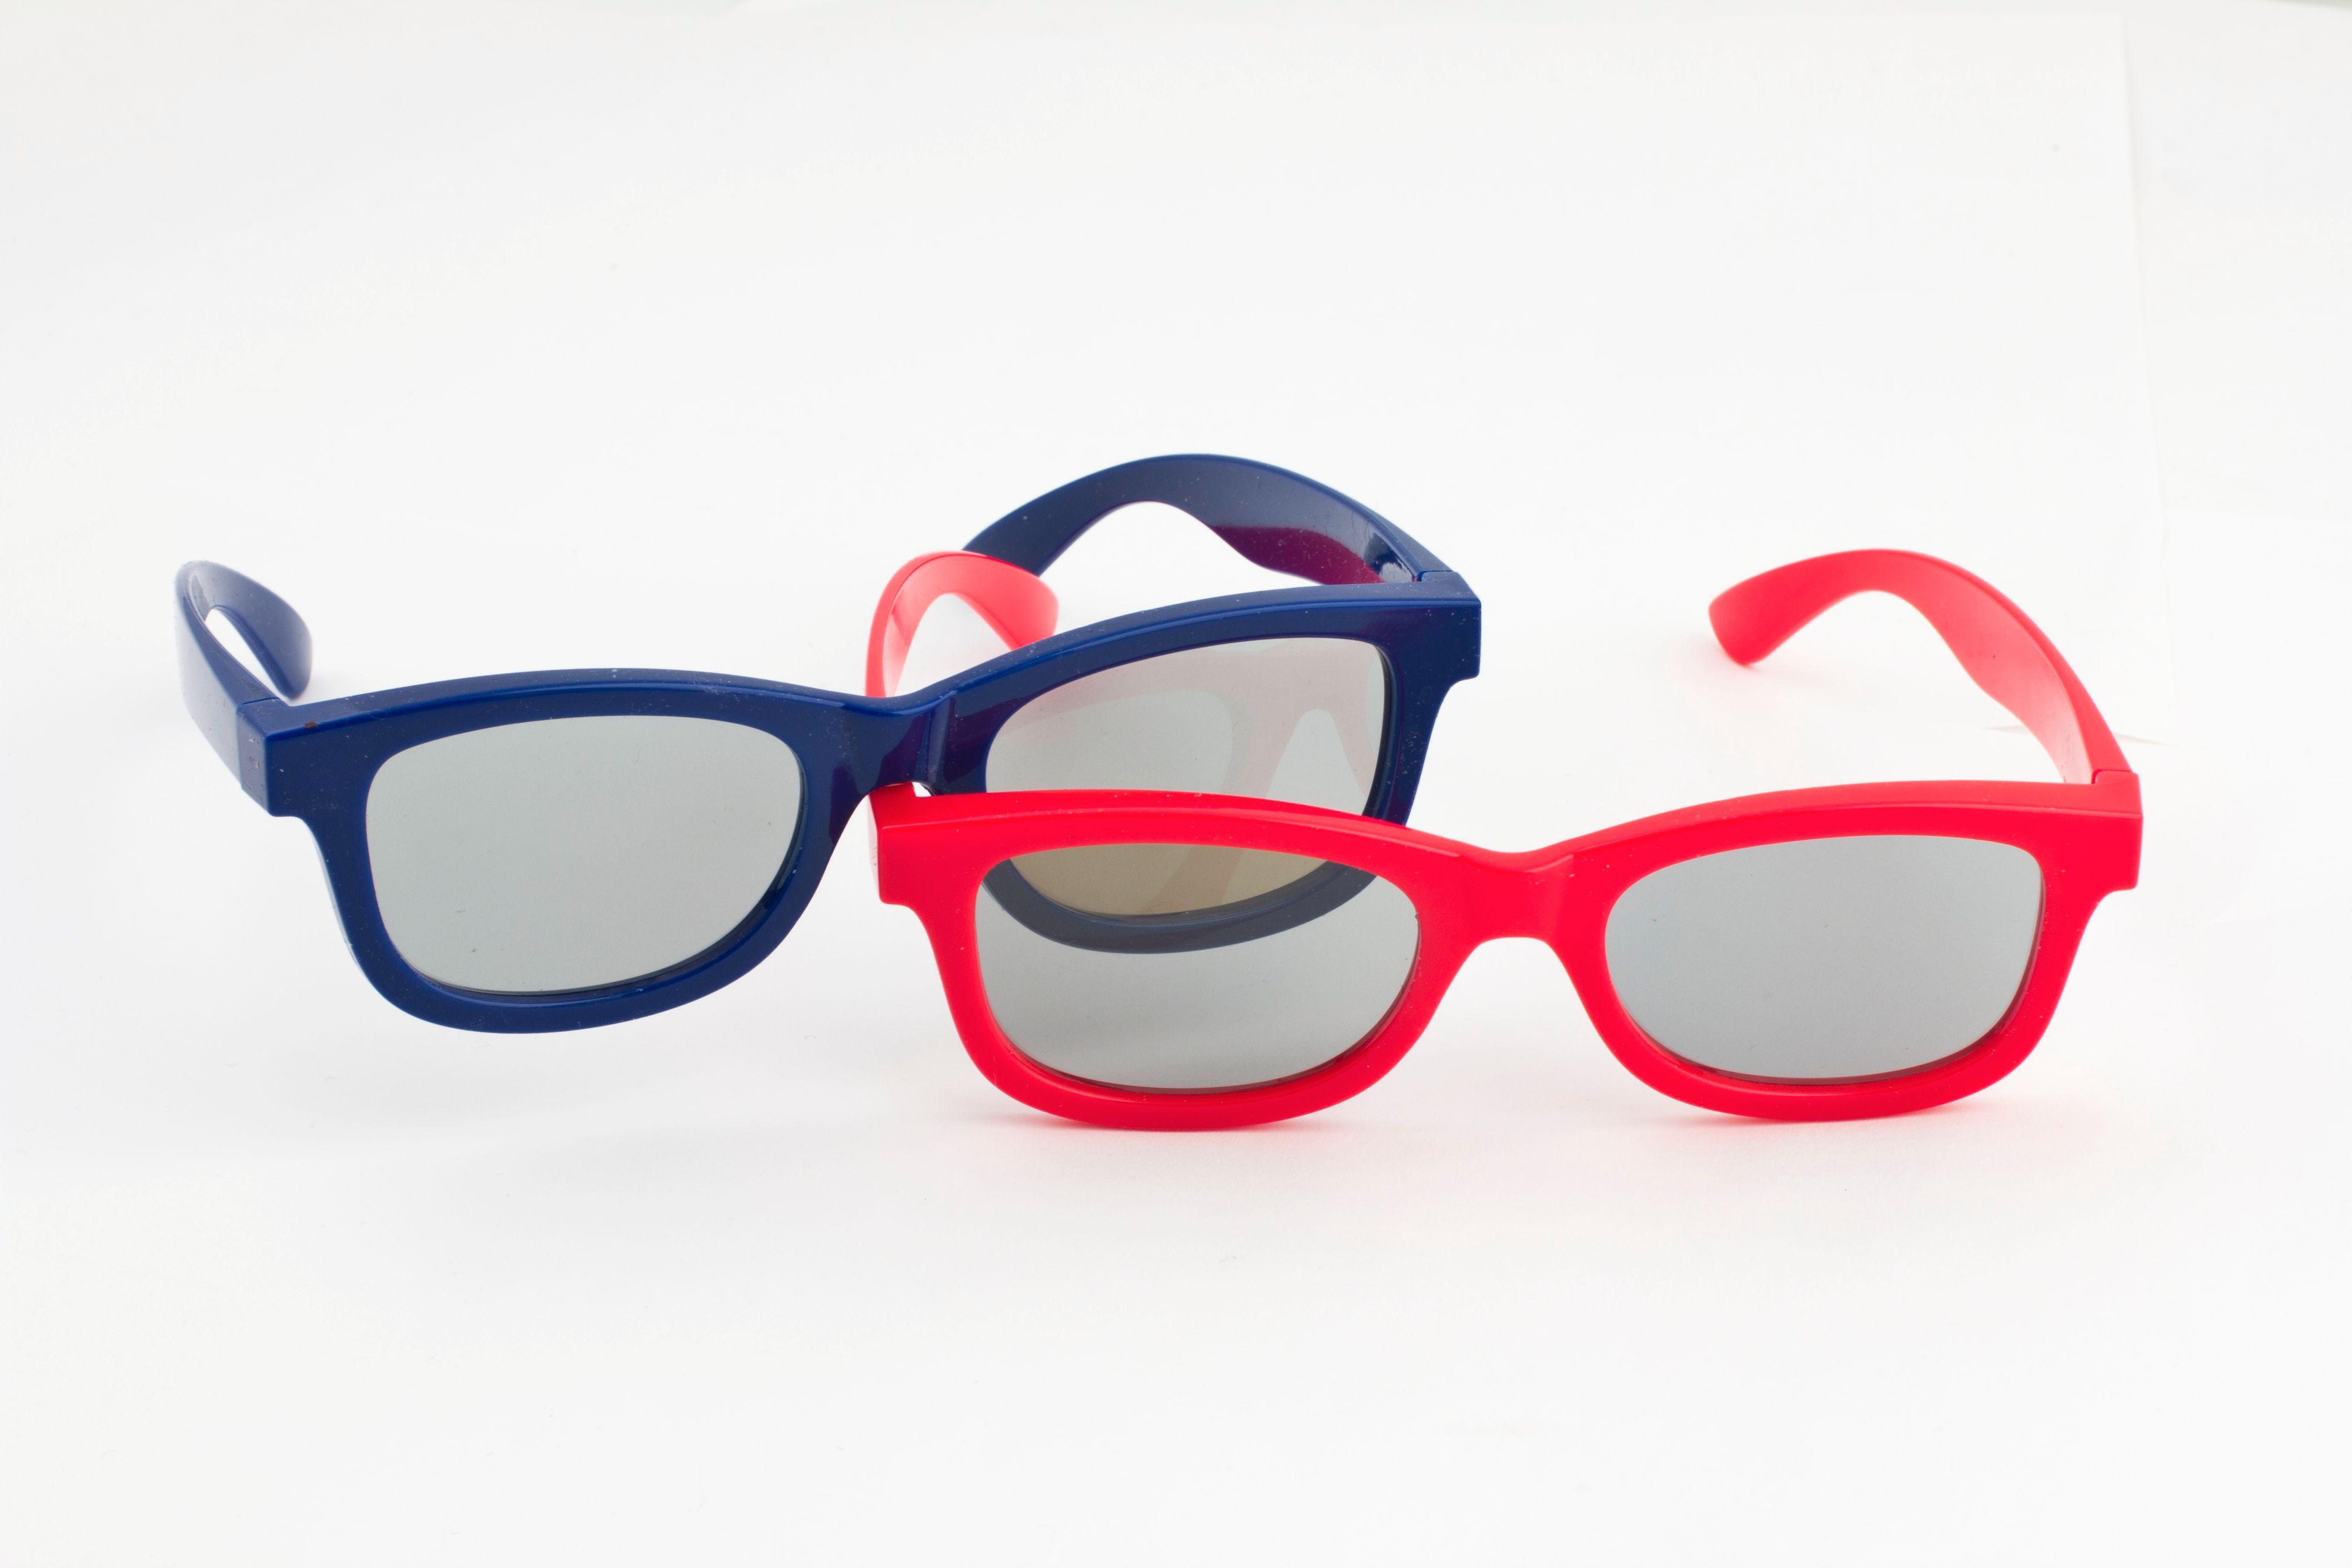 Fordelen med LGs passive briller er at de koster en brøkdel av de aktive